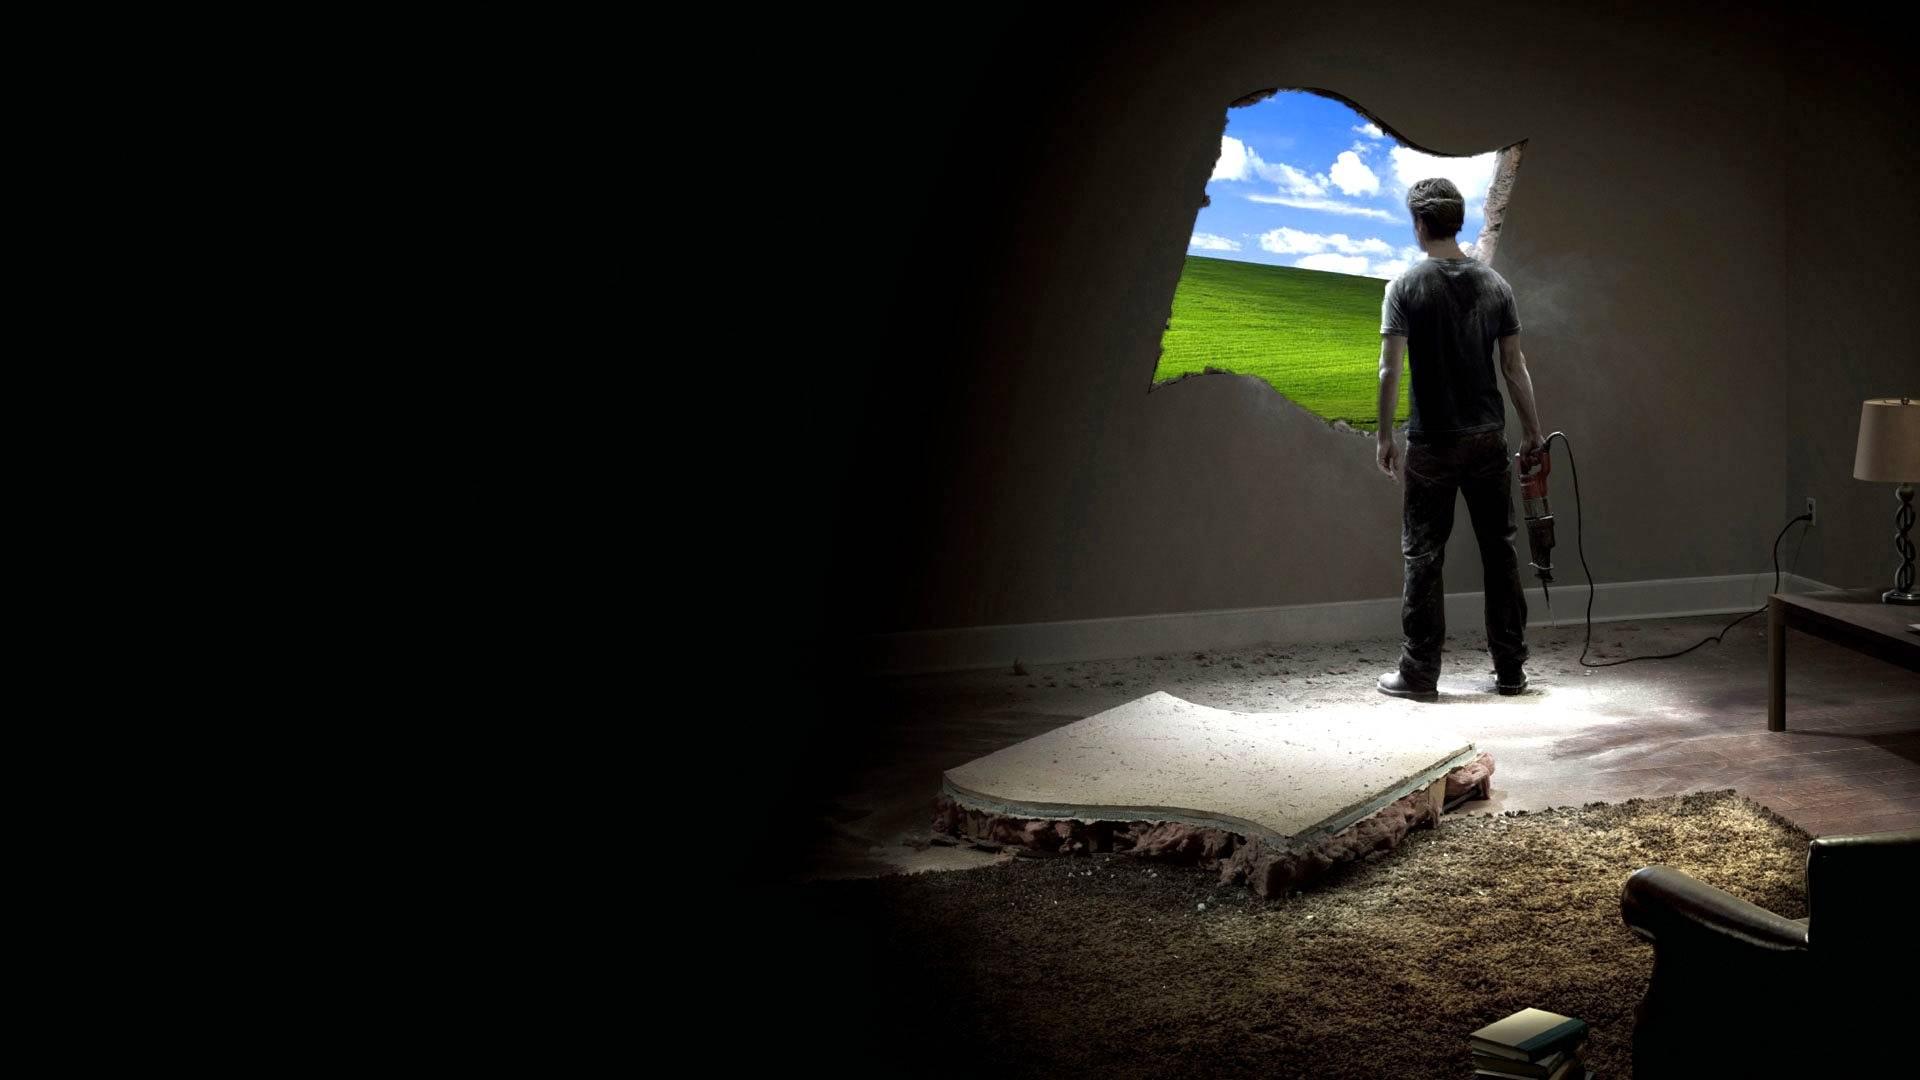 Обои стена, мужик с перфоратором, windows